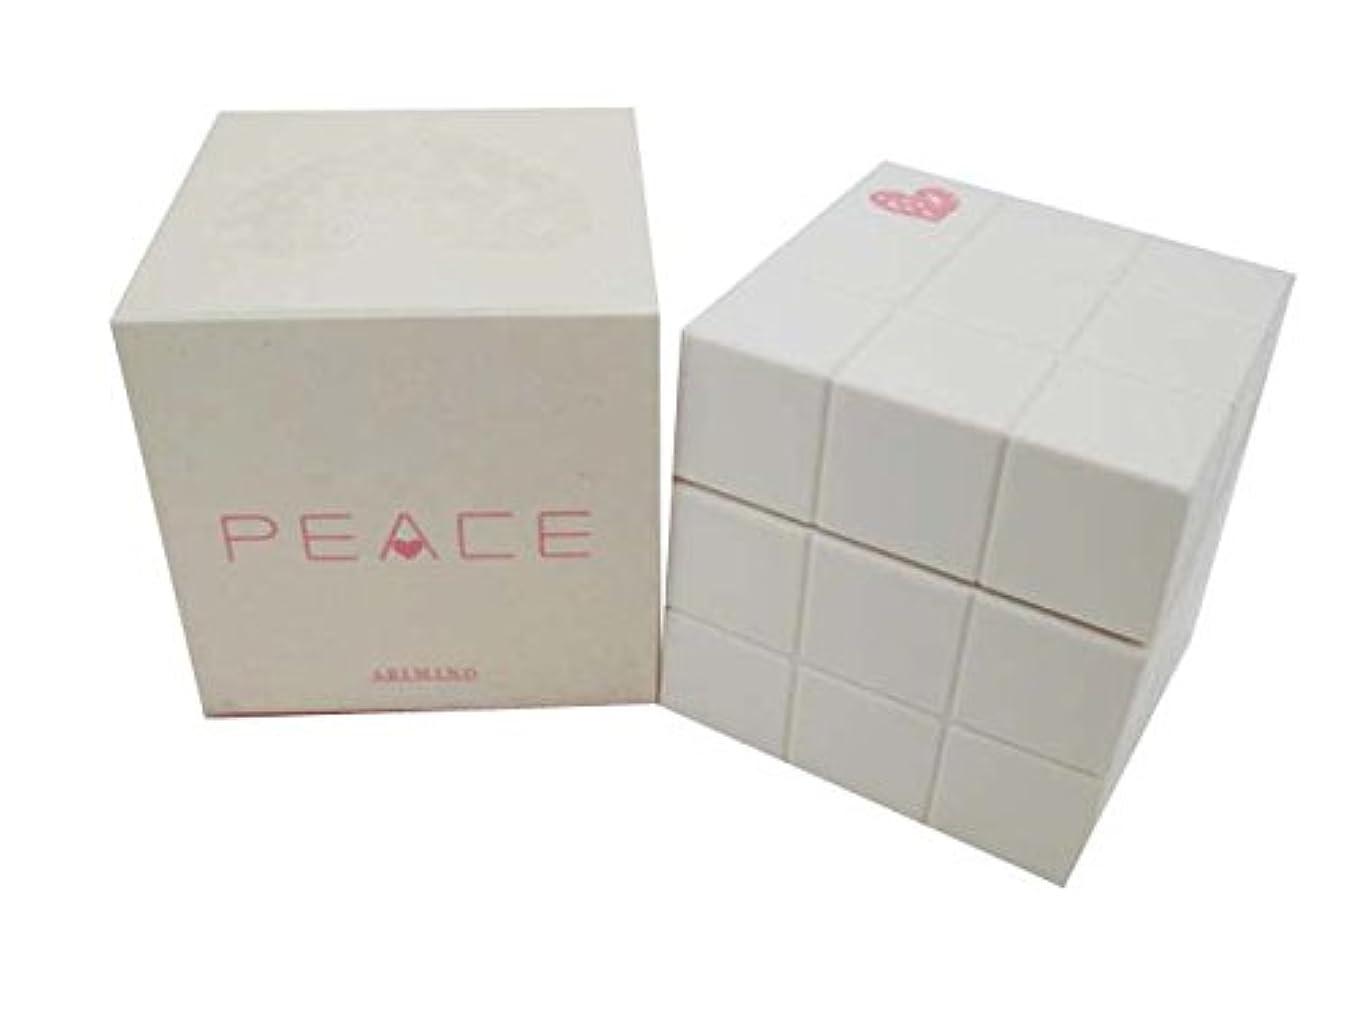 ズボン逸脱ロンドンアリミノ ピース プロデザイン ニュアンスワックス80g ×2個 セット arimino PEACE